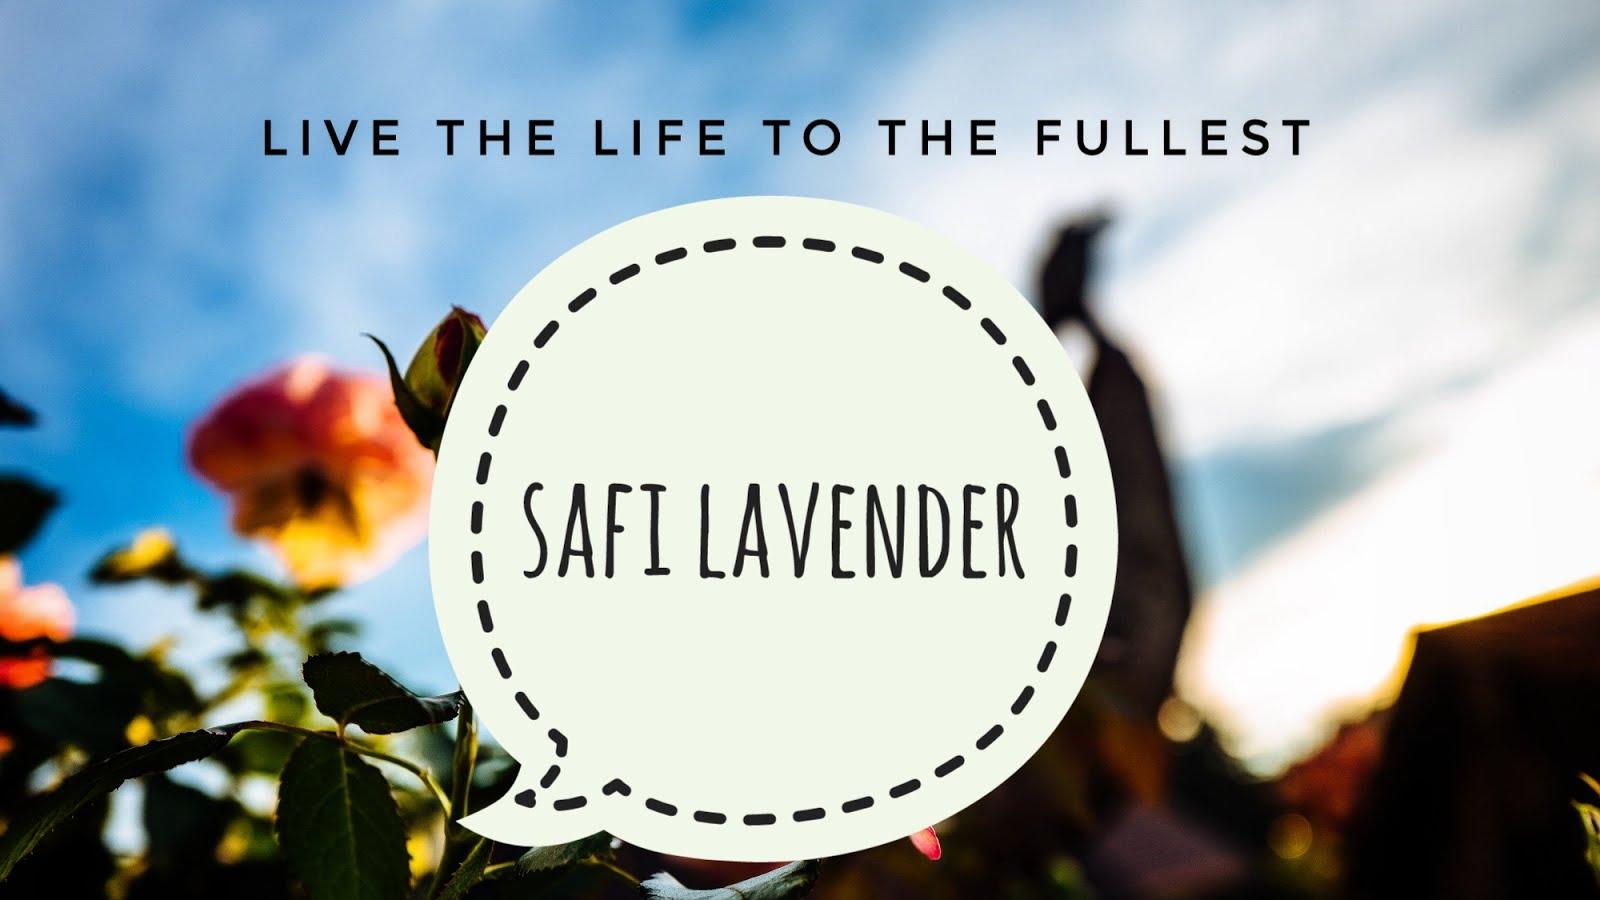 SAFILAVENDER